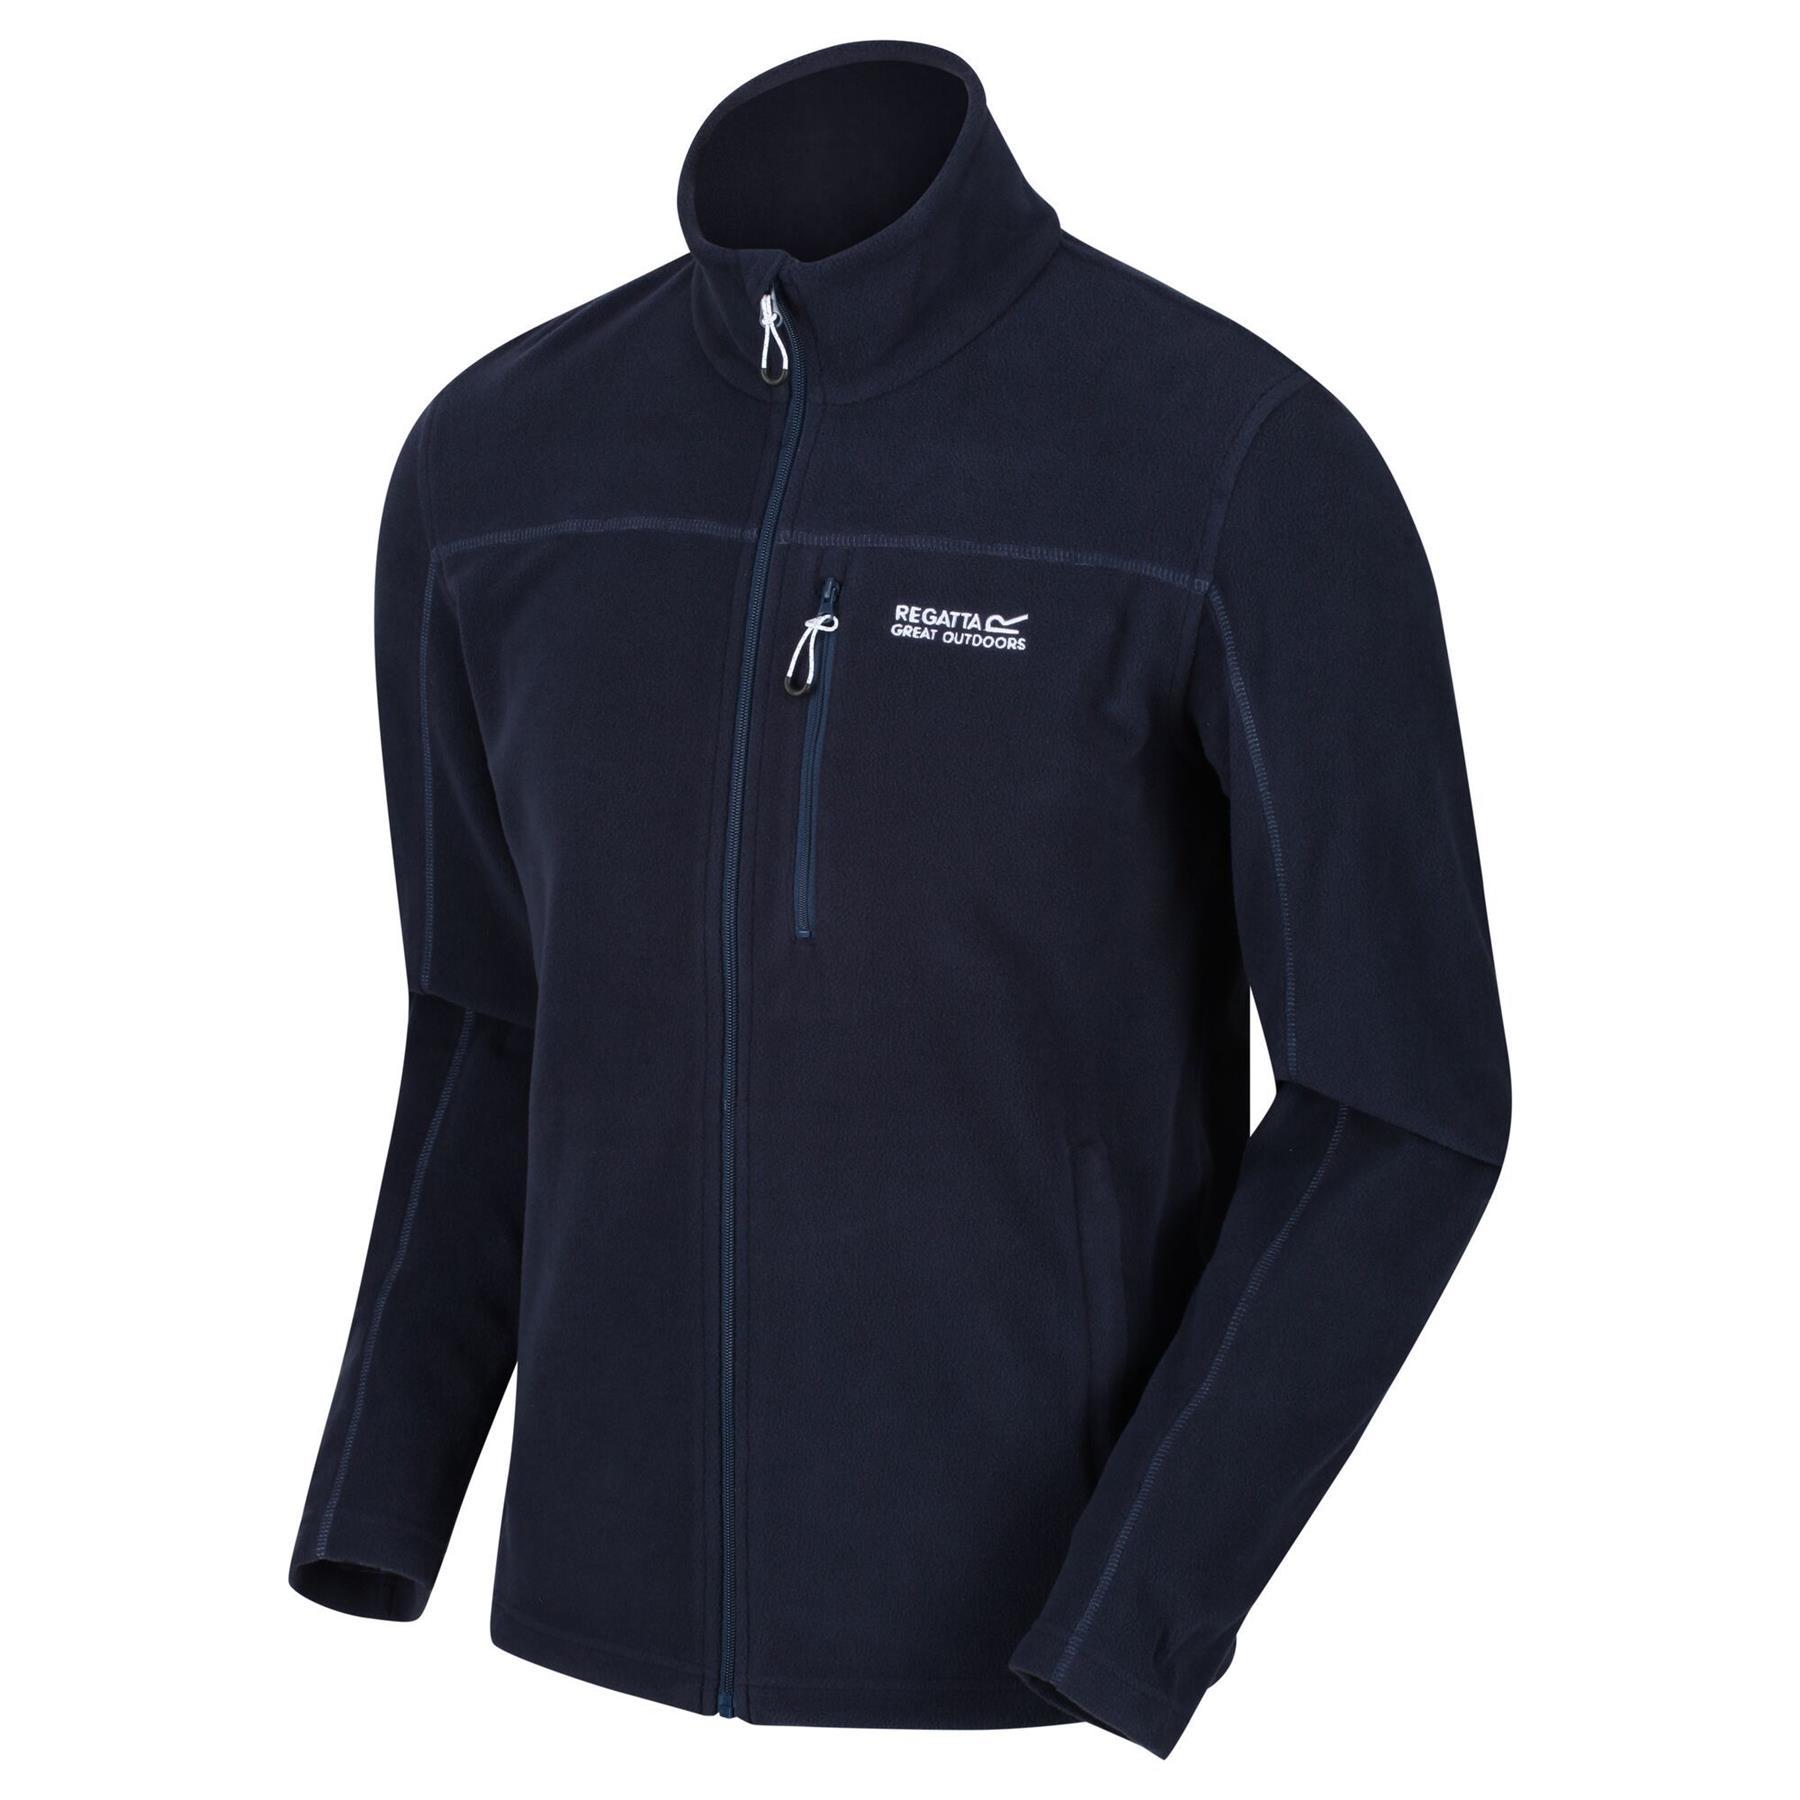 miniatuur 13 - Regatta Mens Fellard Fleece Jacket Full Zip Up Coat S M L XL 2XL 3XL 4XL